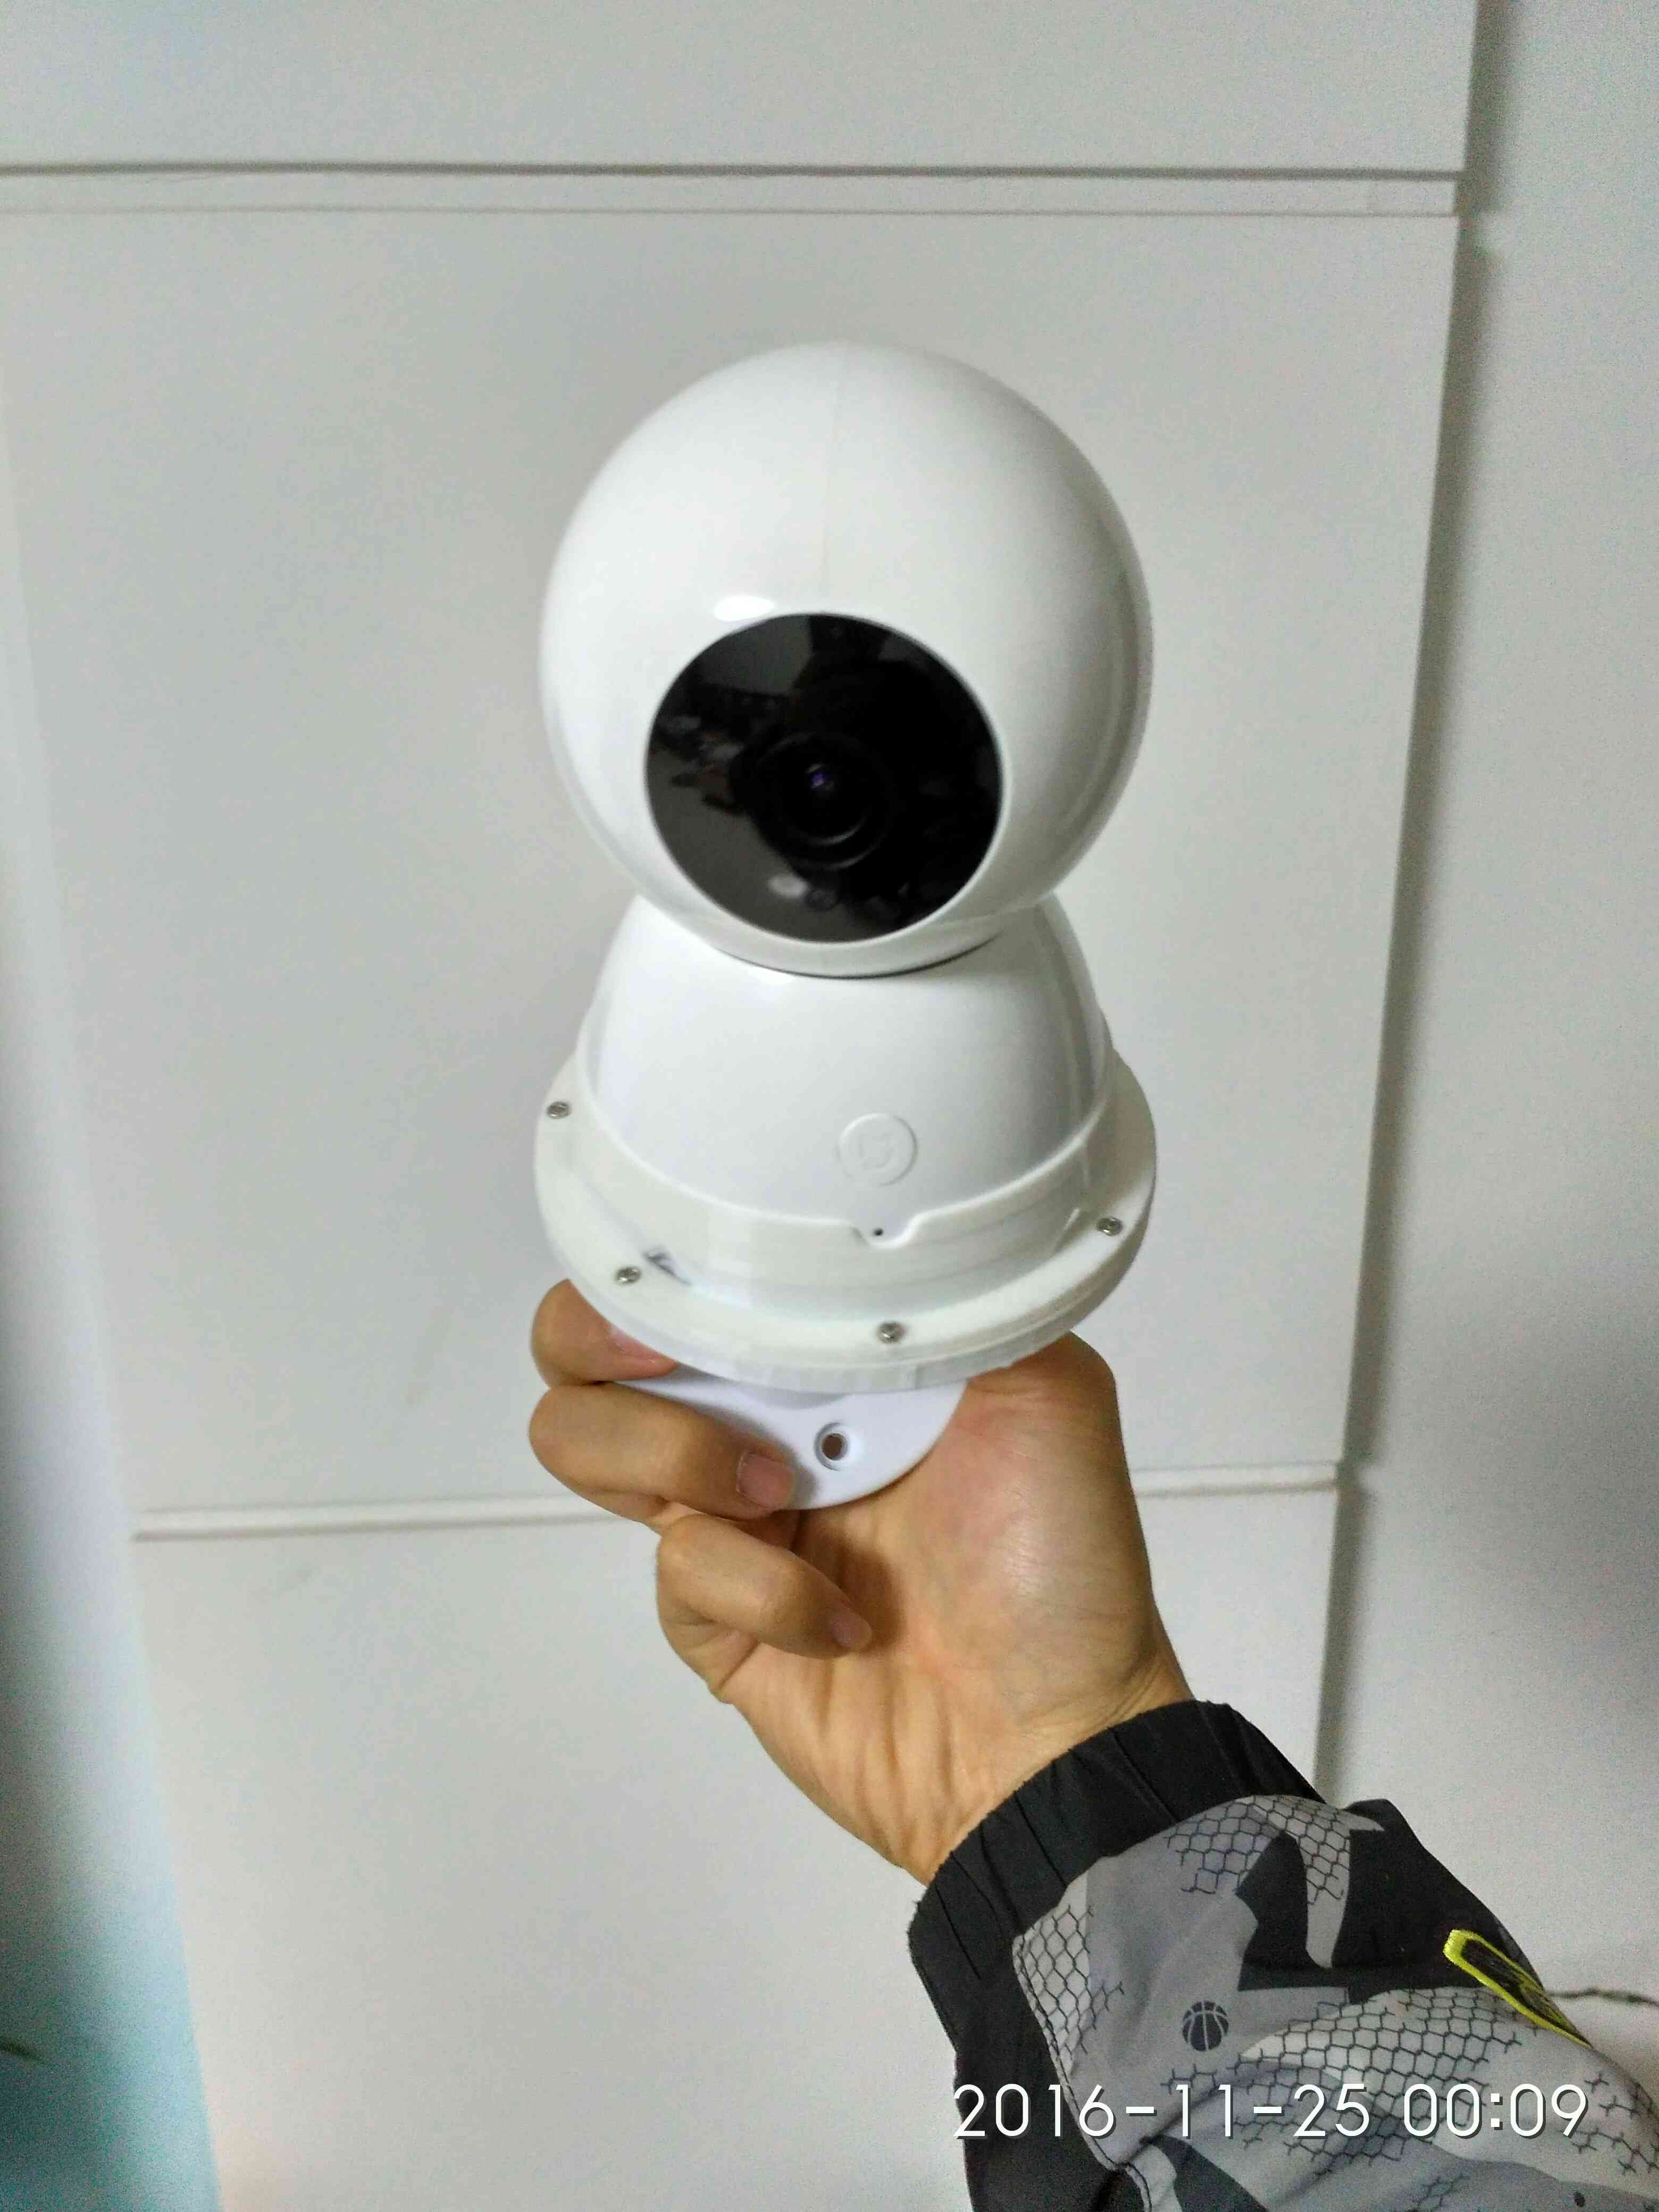 米家智能摄像机